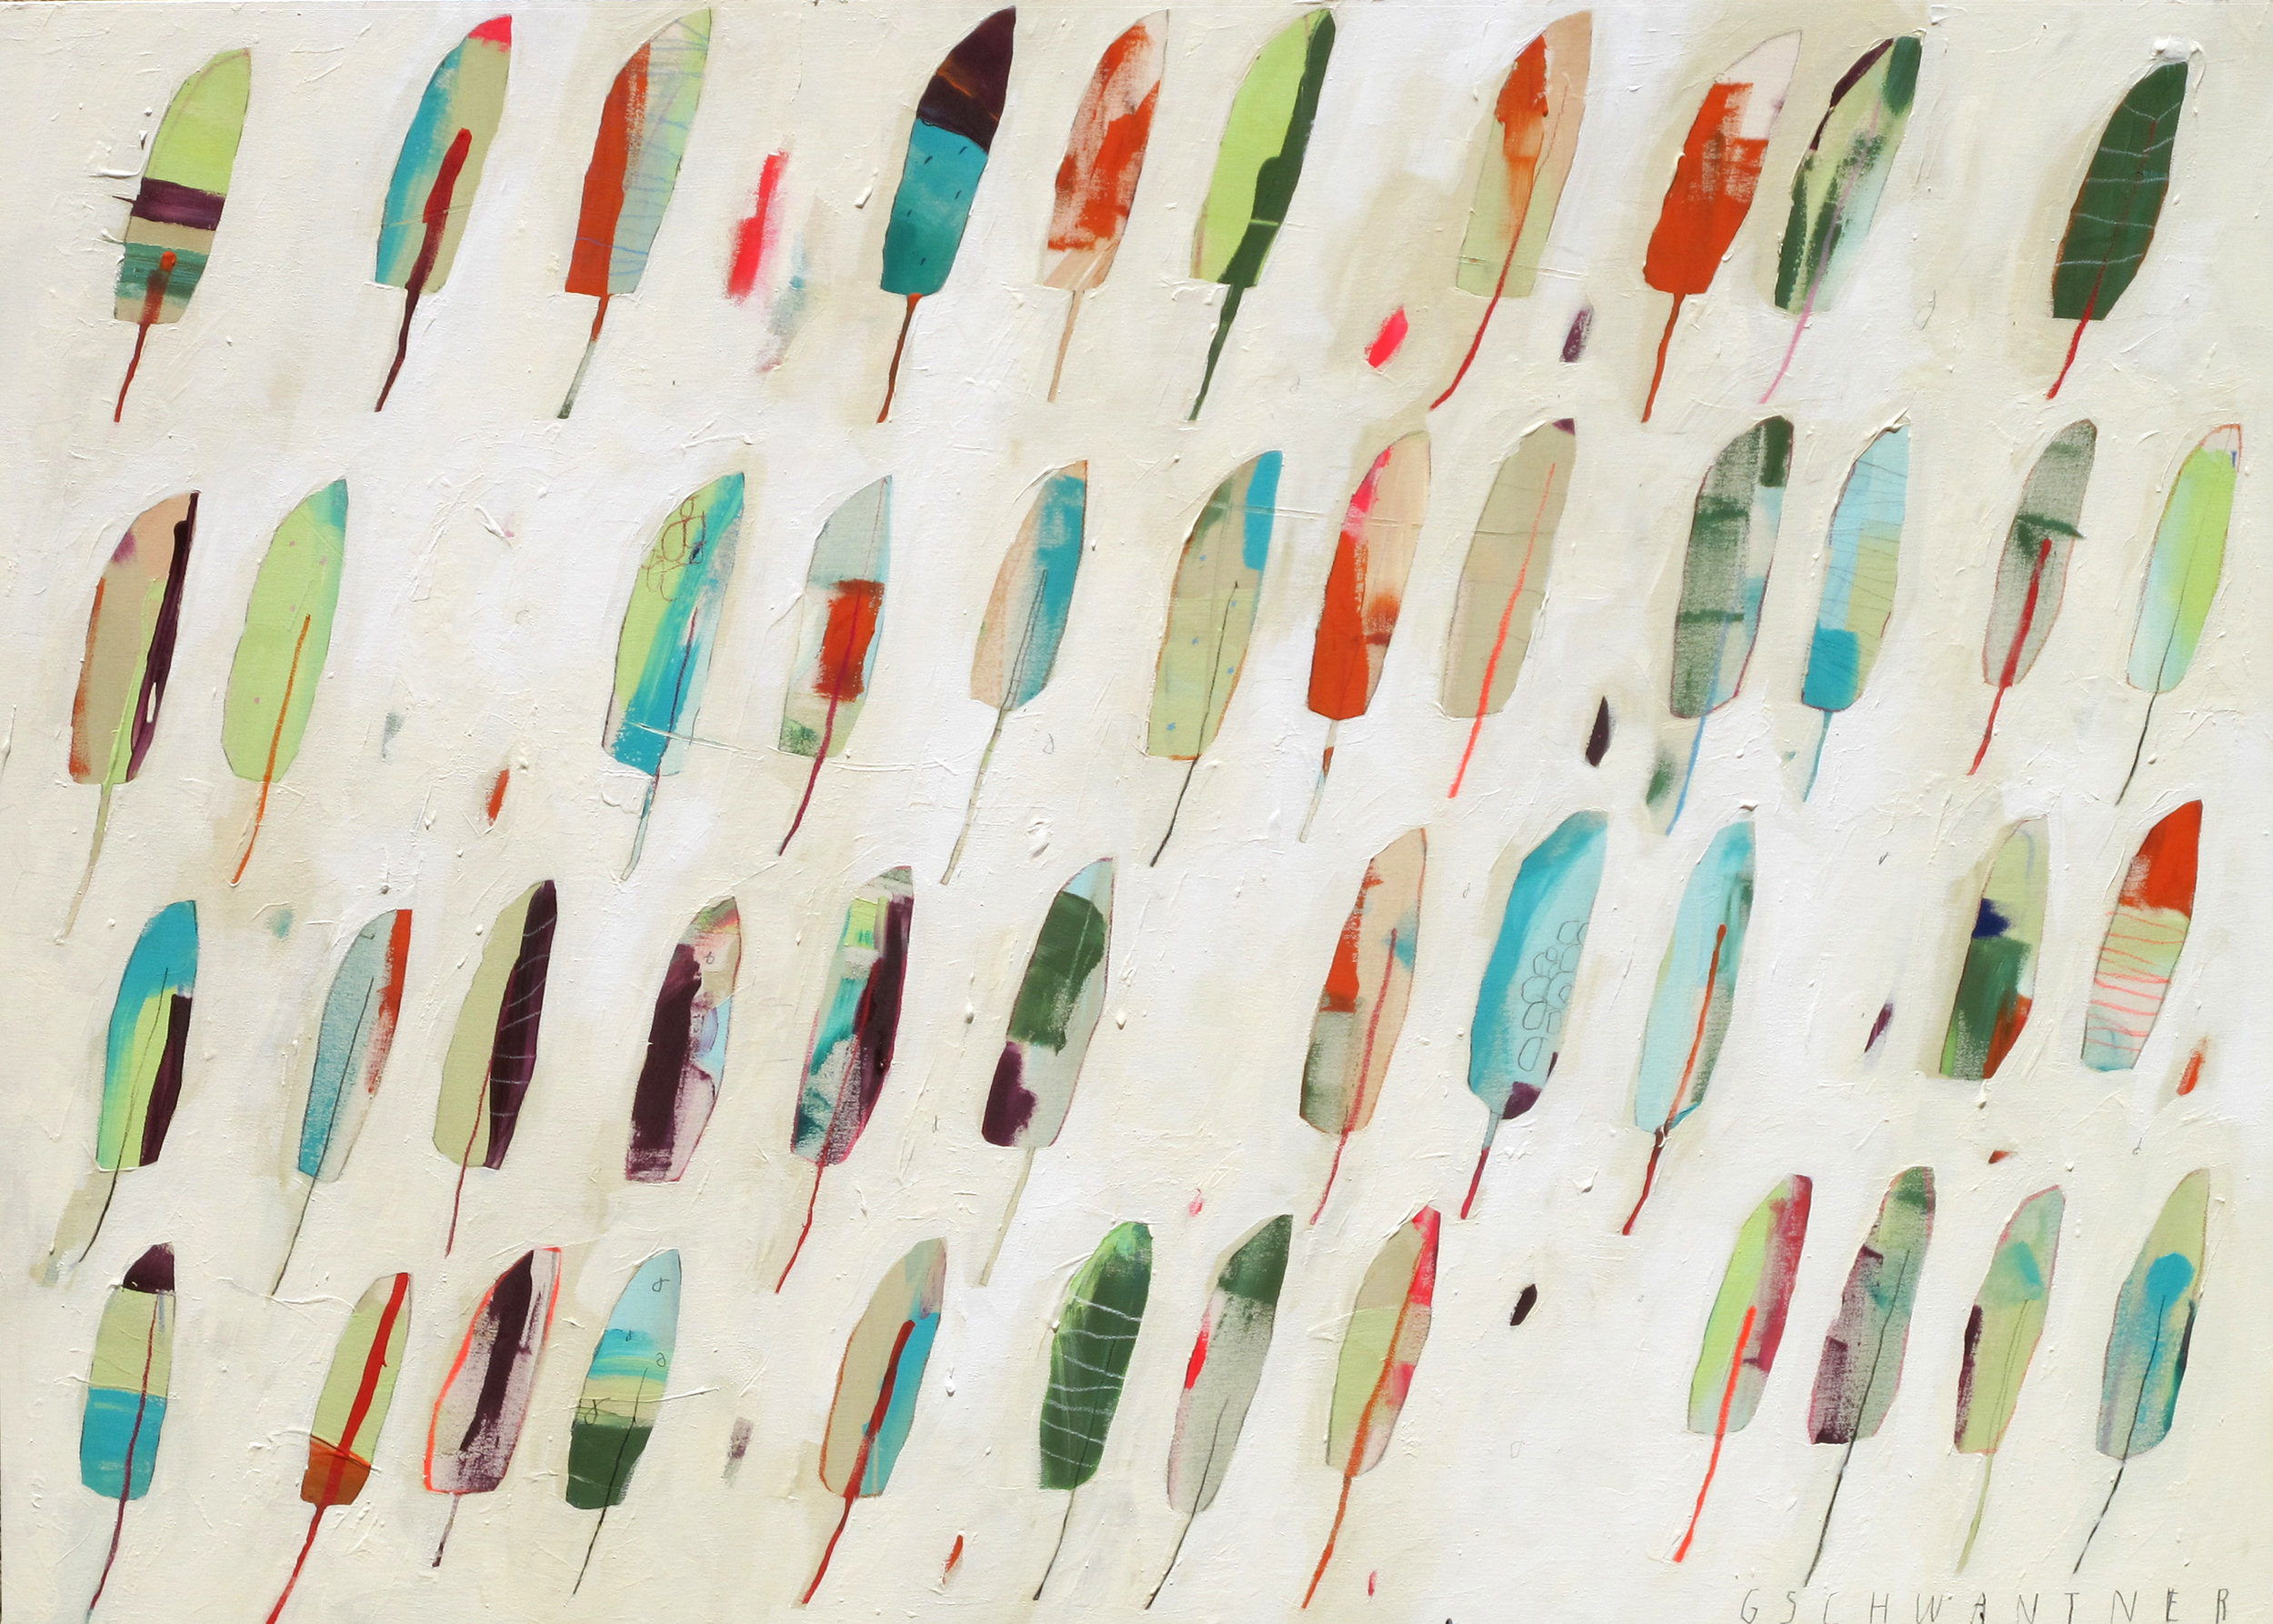 Grüne Federn, 2015 / 170 x 130